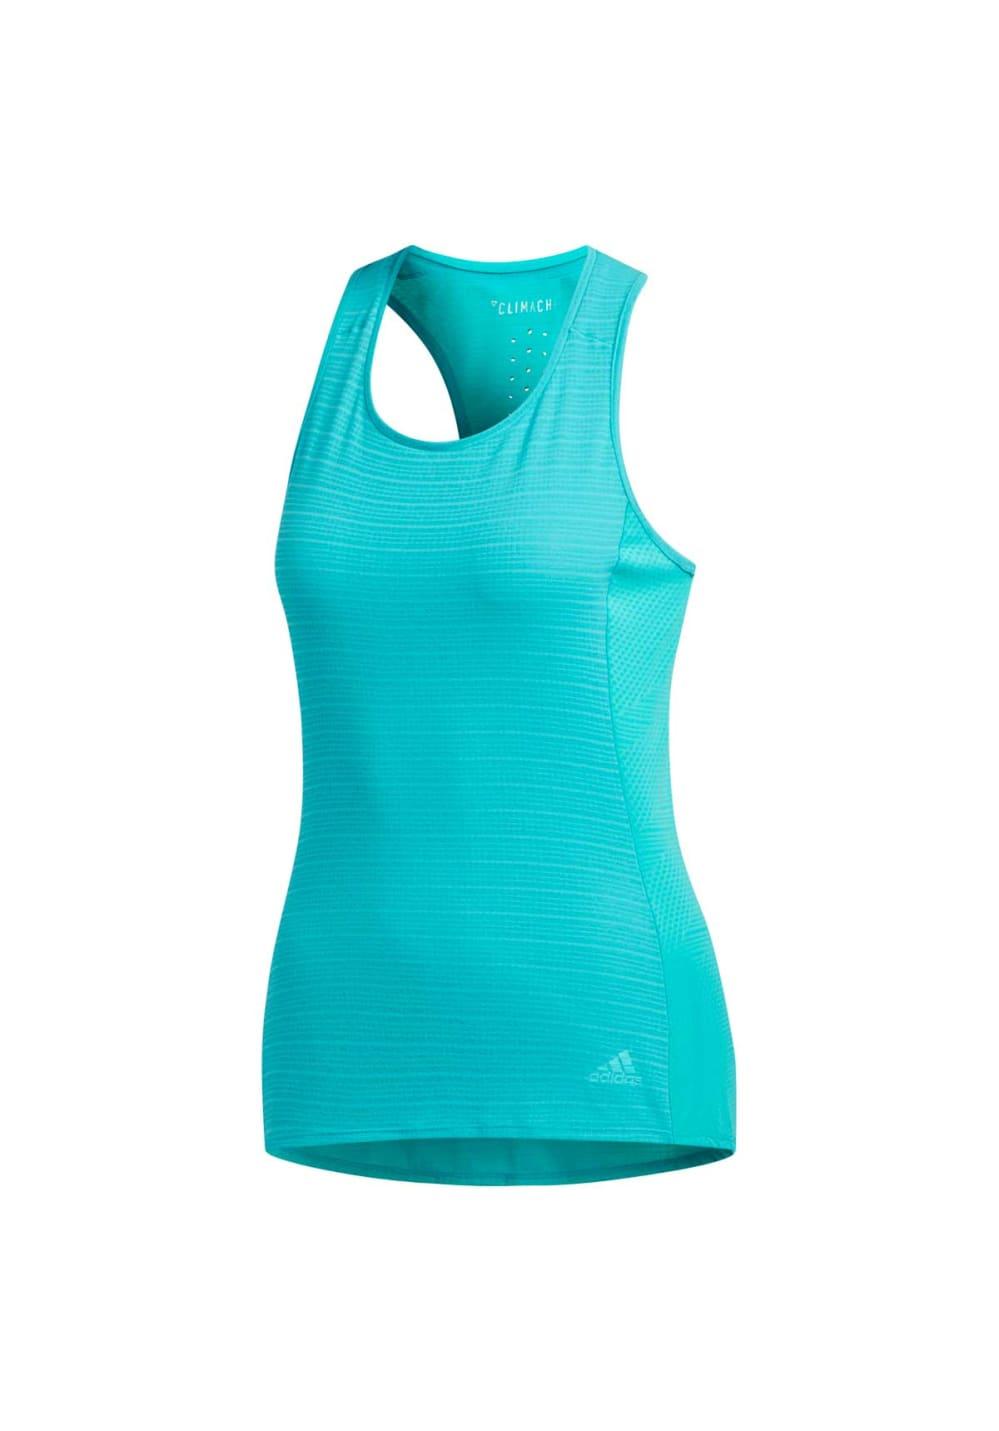 Sportmode für Frauen - adidas Supernova 37c Tank Top Laufshirts für Damen Blau  - Onlineshop 21Run